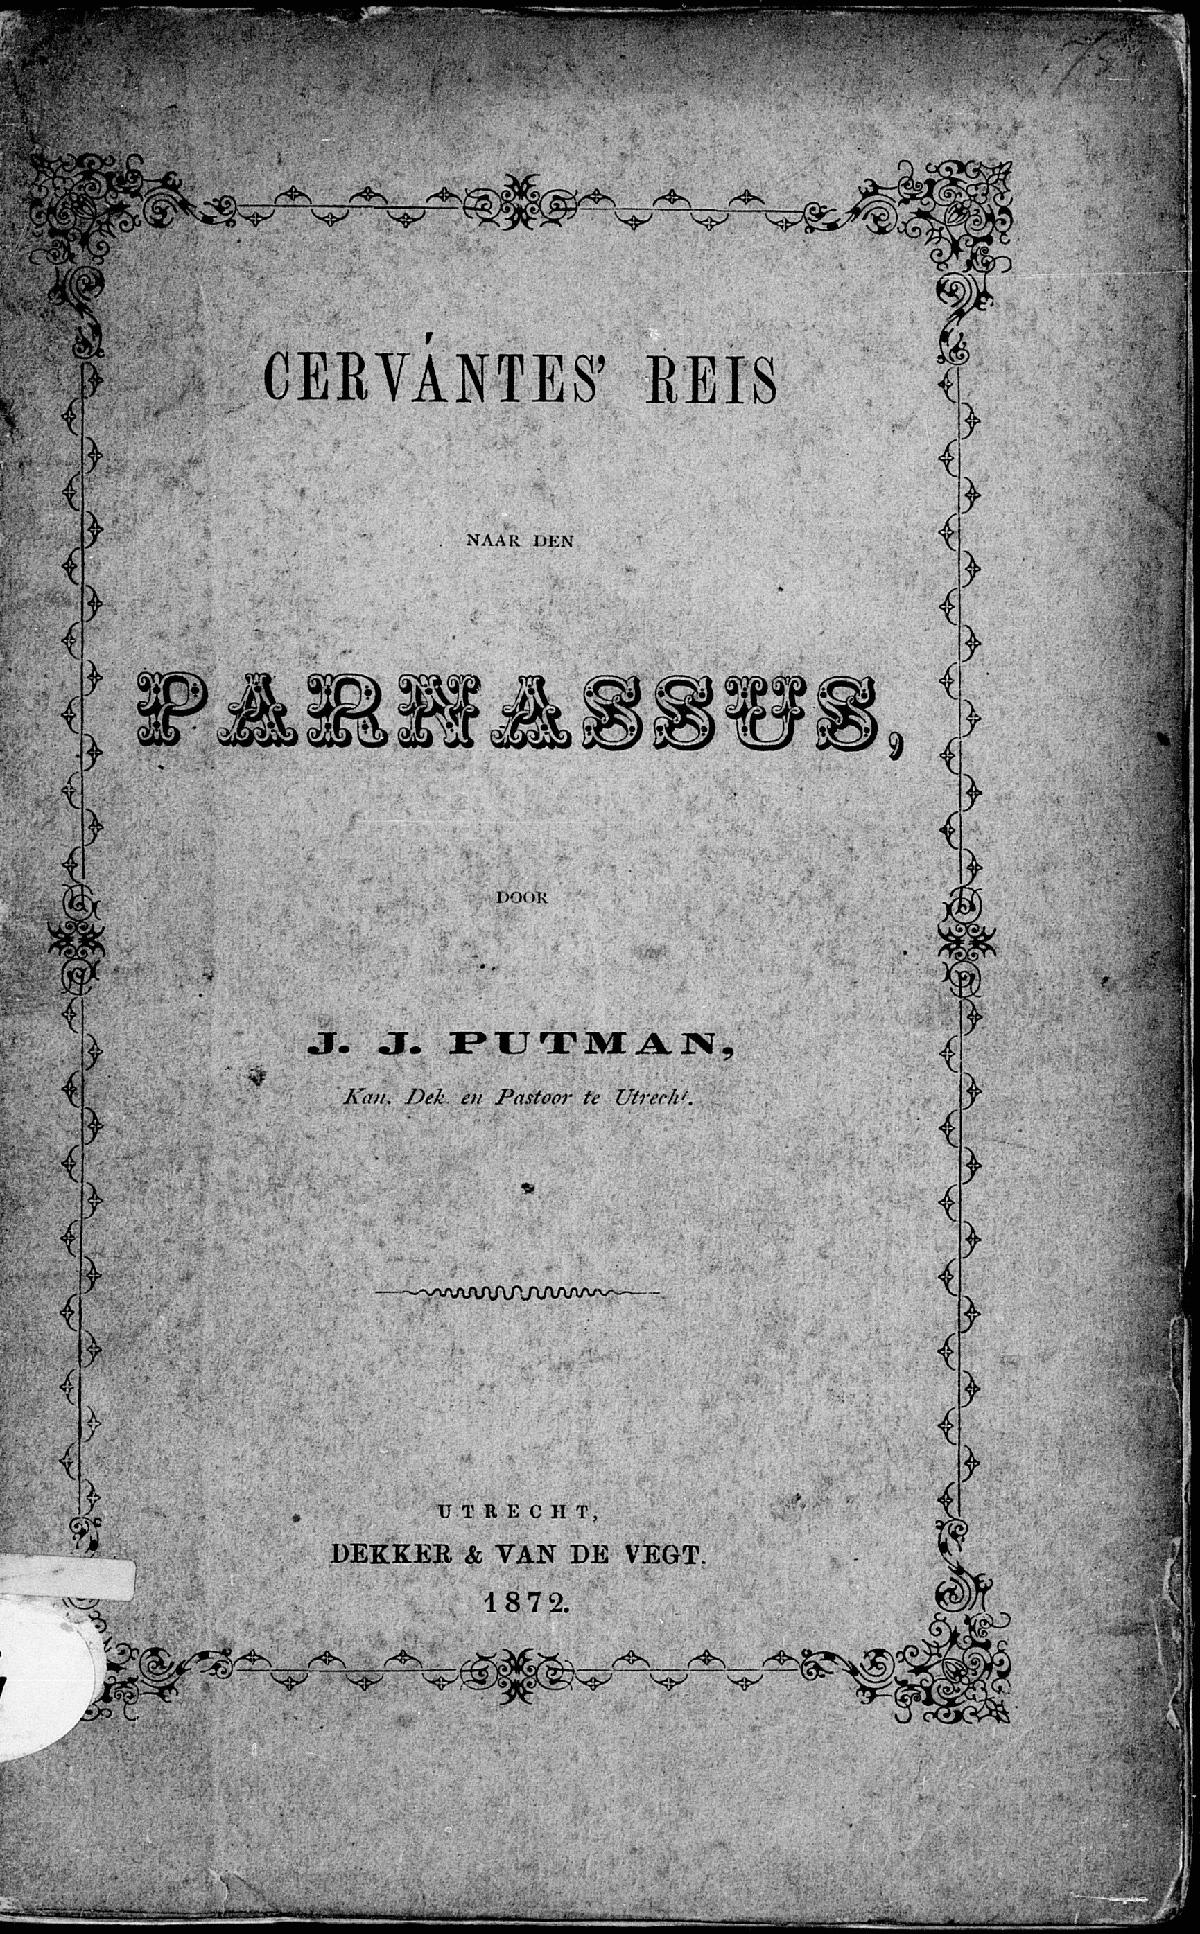 Cervantes' Reis naar den Parnassus